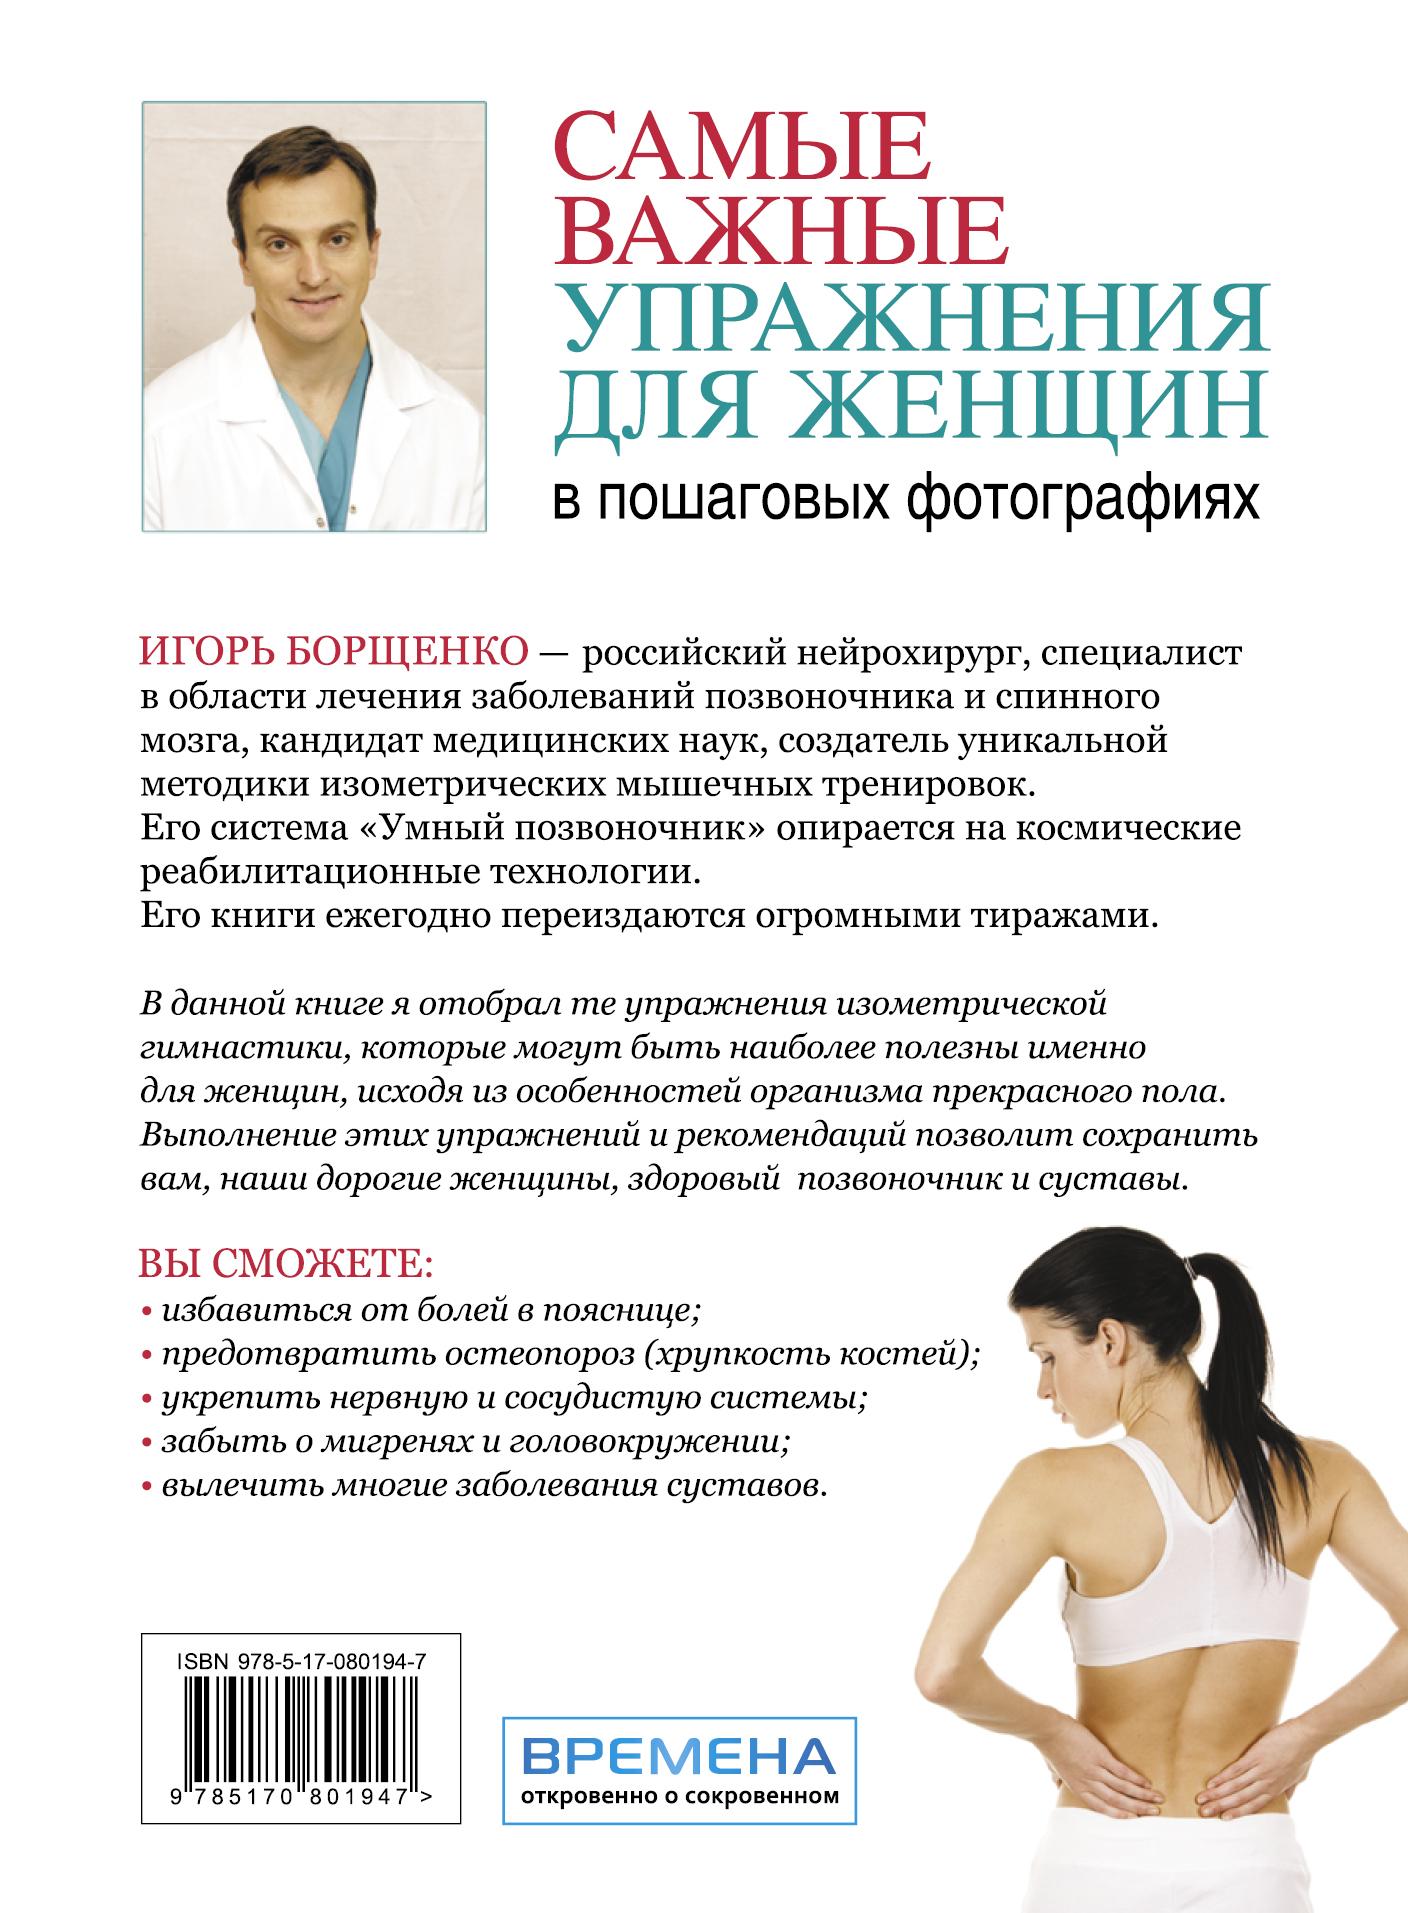 Самые важные упражнения для женщин в пошаговых фотографиях